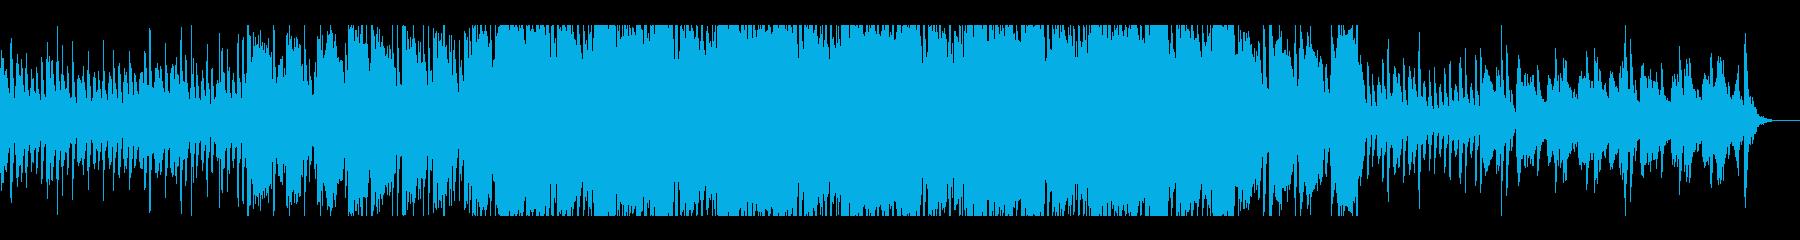 ピアノとバイオリンの洋風ホラーBGMの再生済みの波形